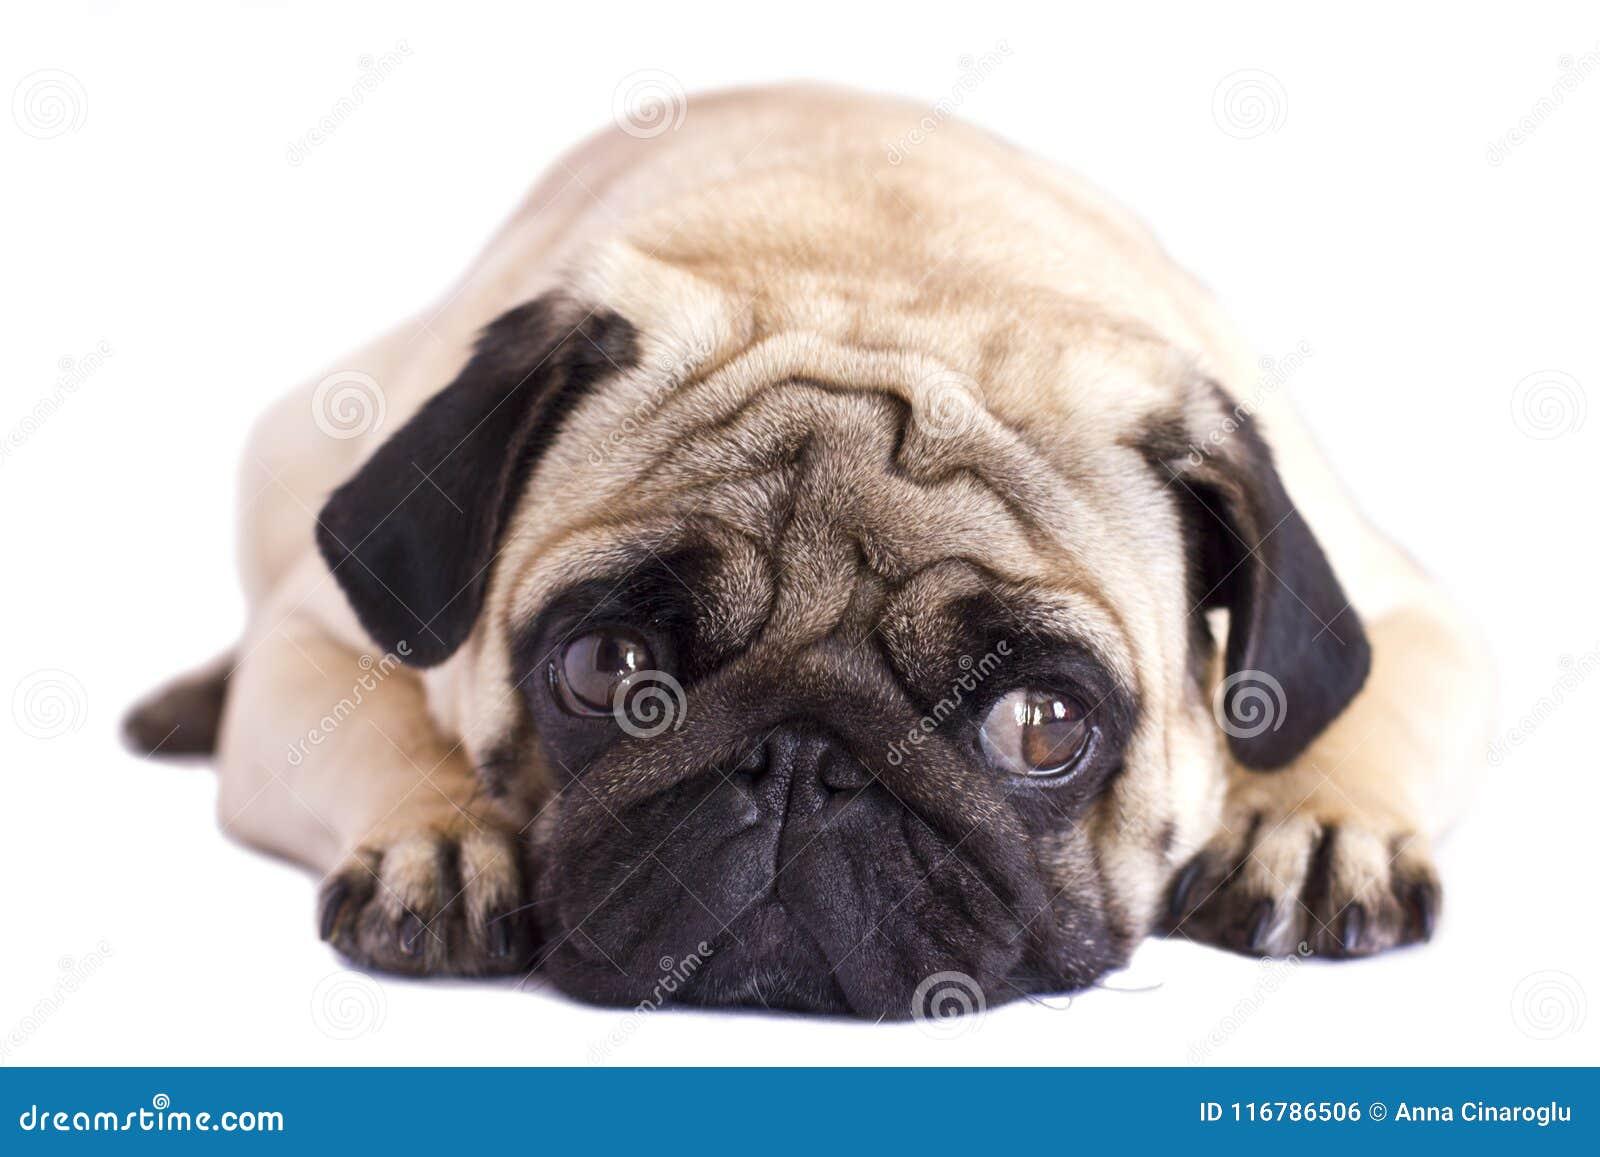 Cane del carlino isolato Sguardo triste con gli occhi grandi